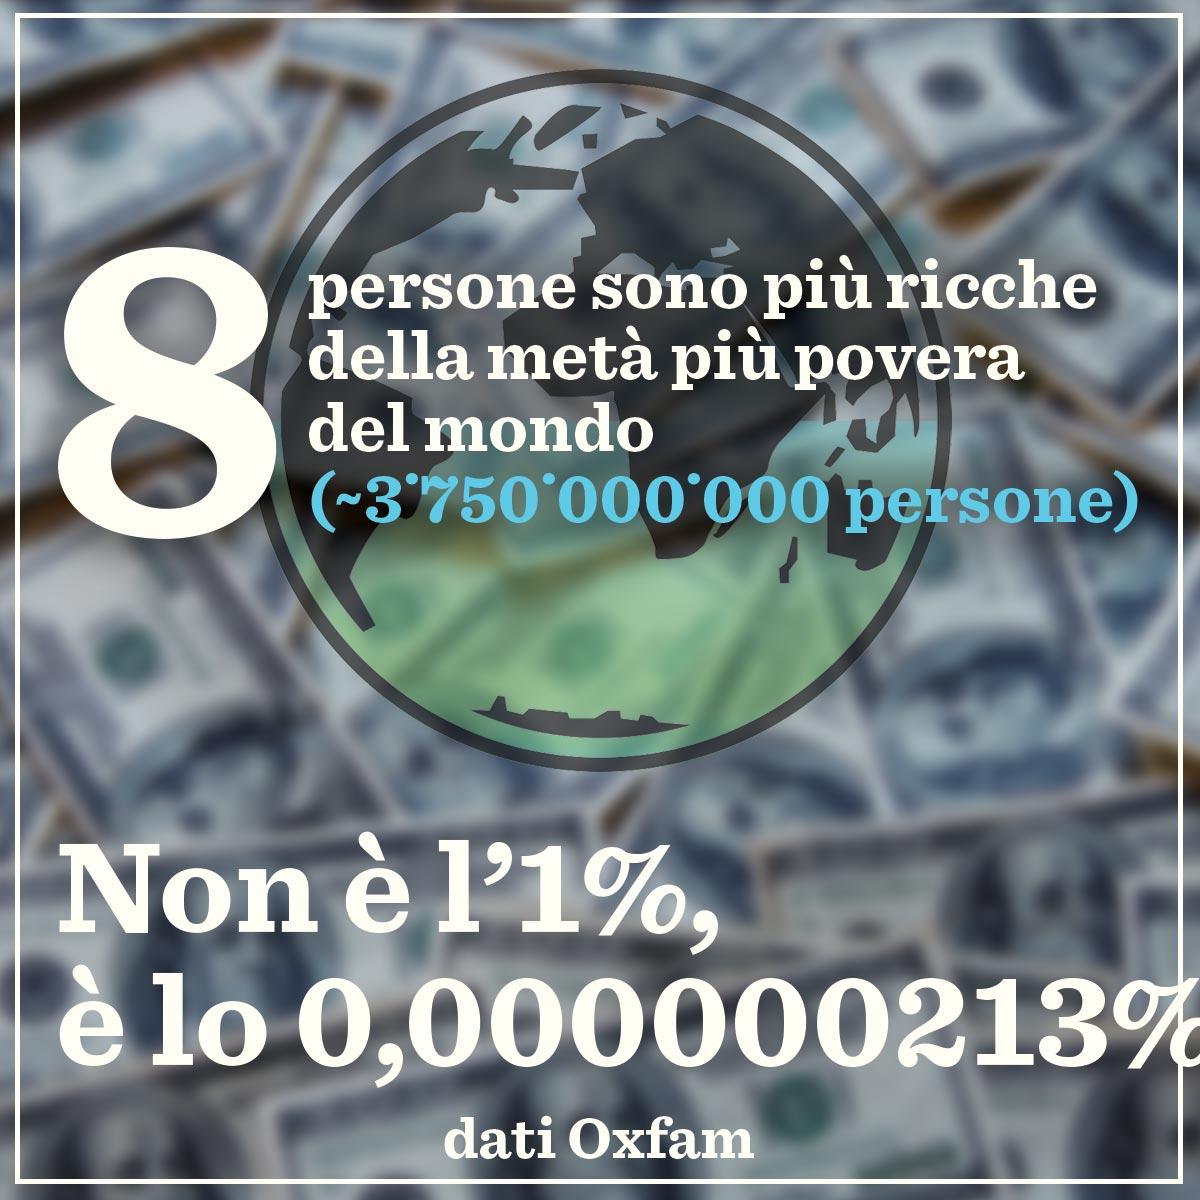 Wef: Oxfam, 8 super miliardari detengono ricchezza 3,6 mld persone (3)